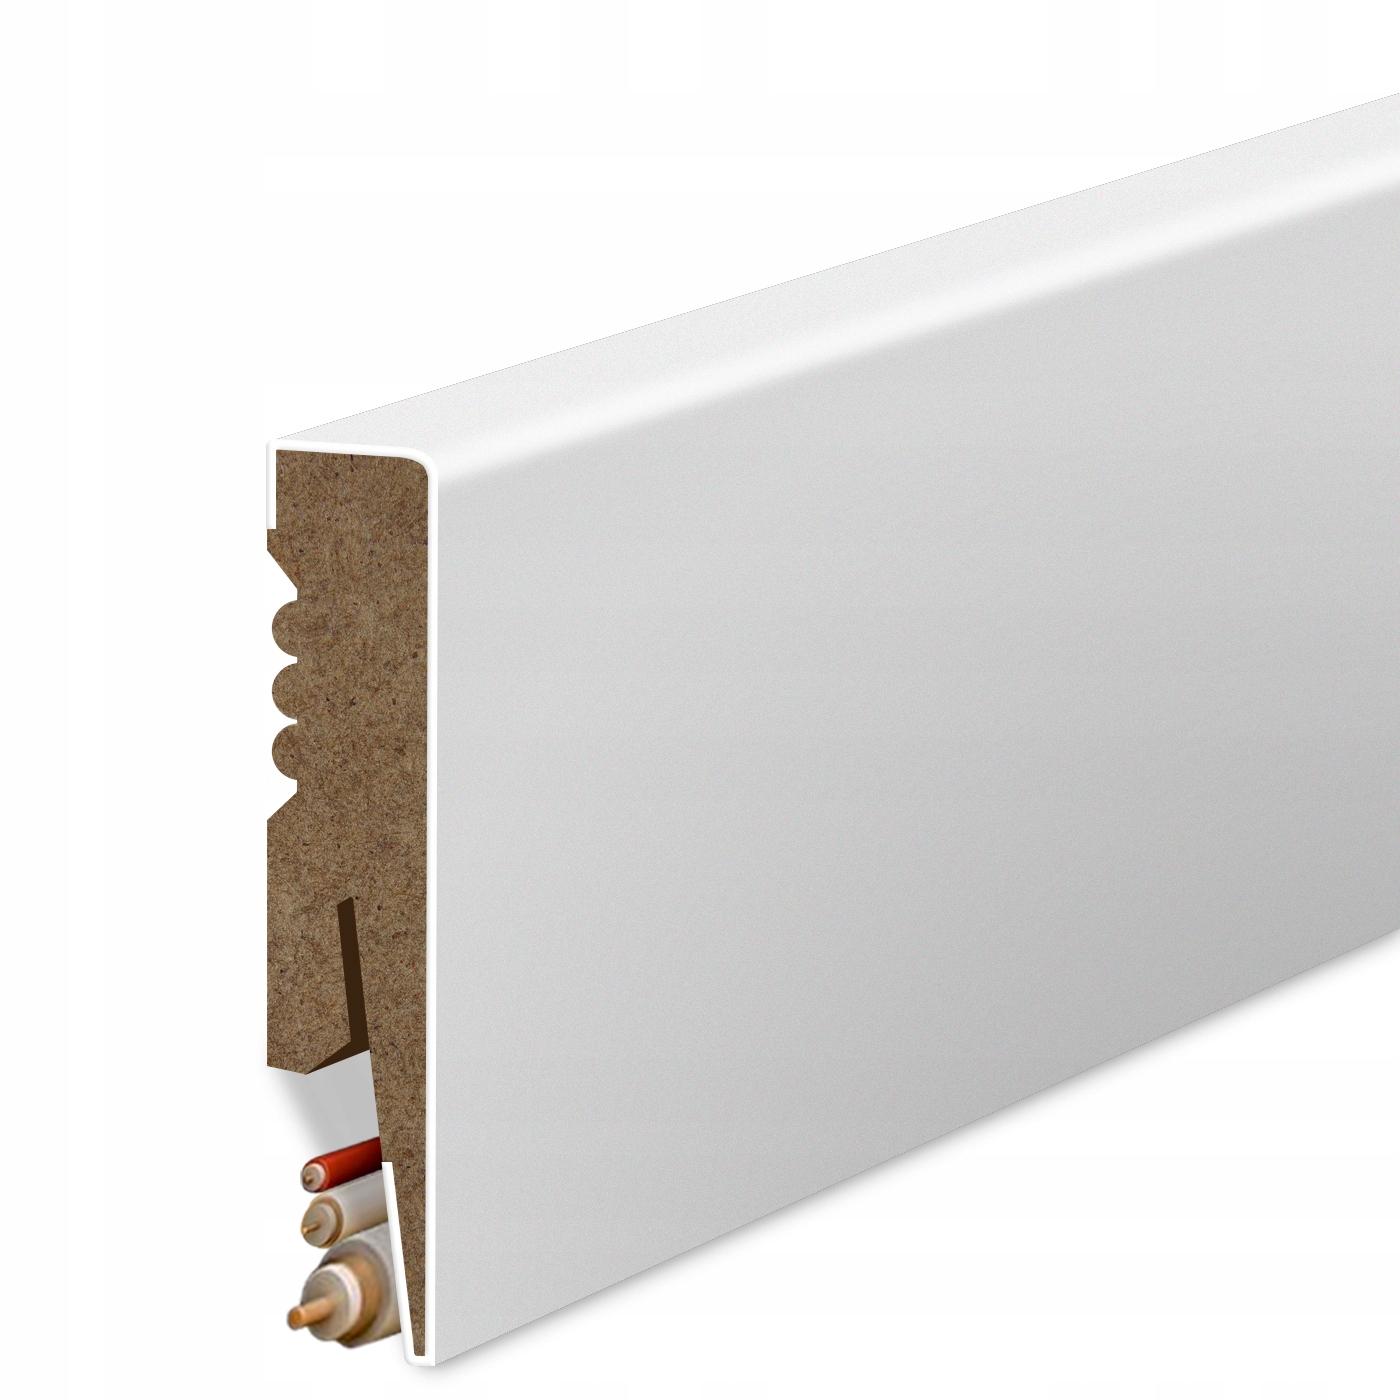 8 Планка напольного типа МДФ белая Декоративная Цоколь